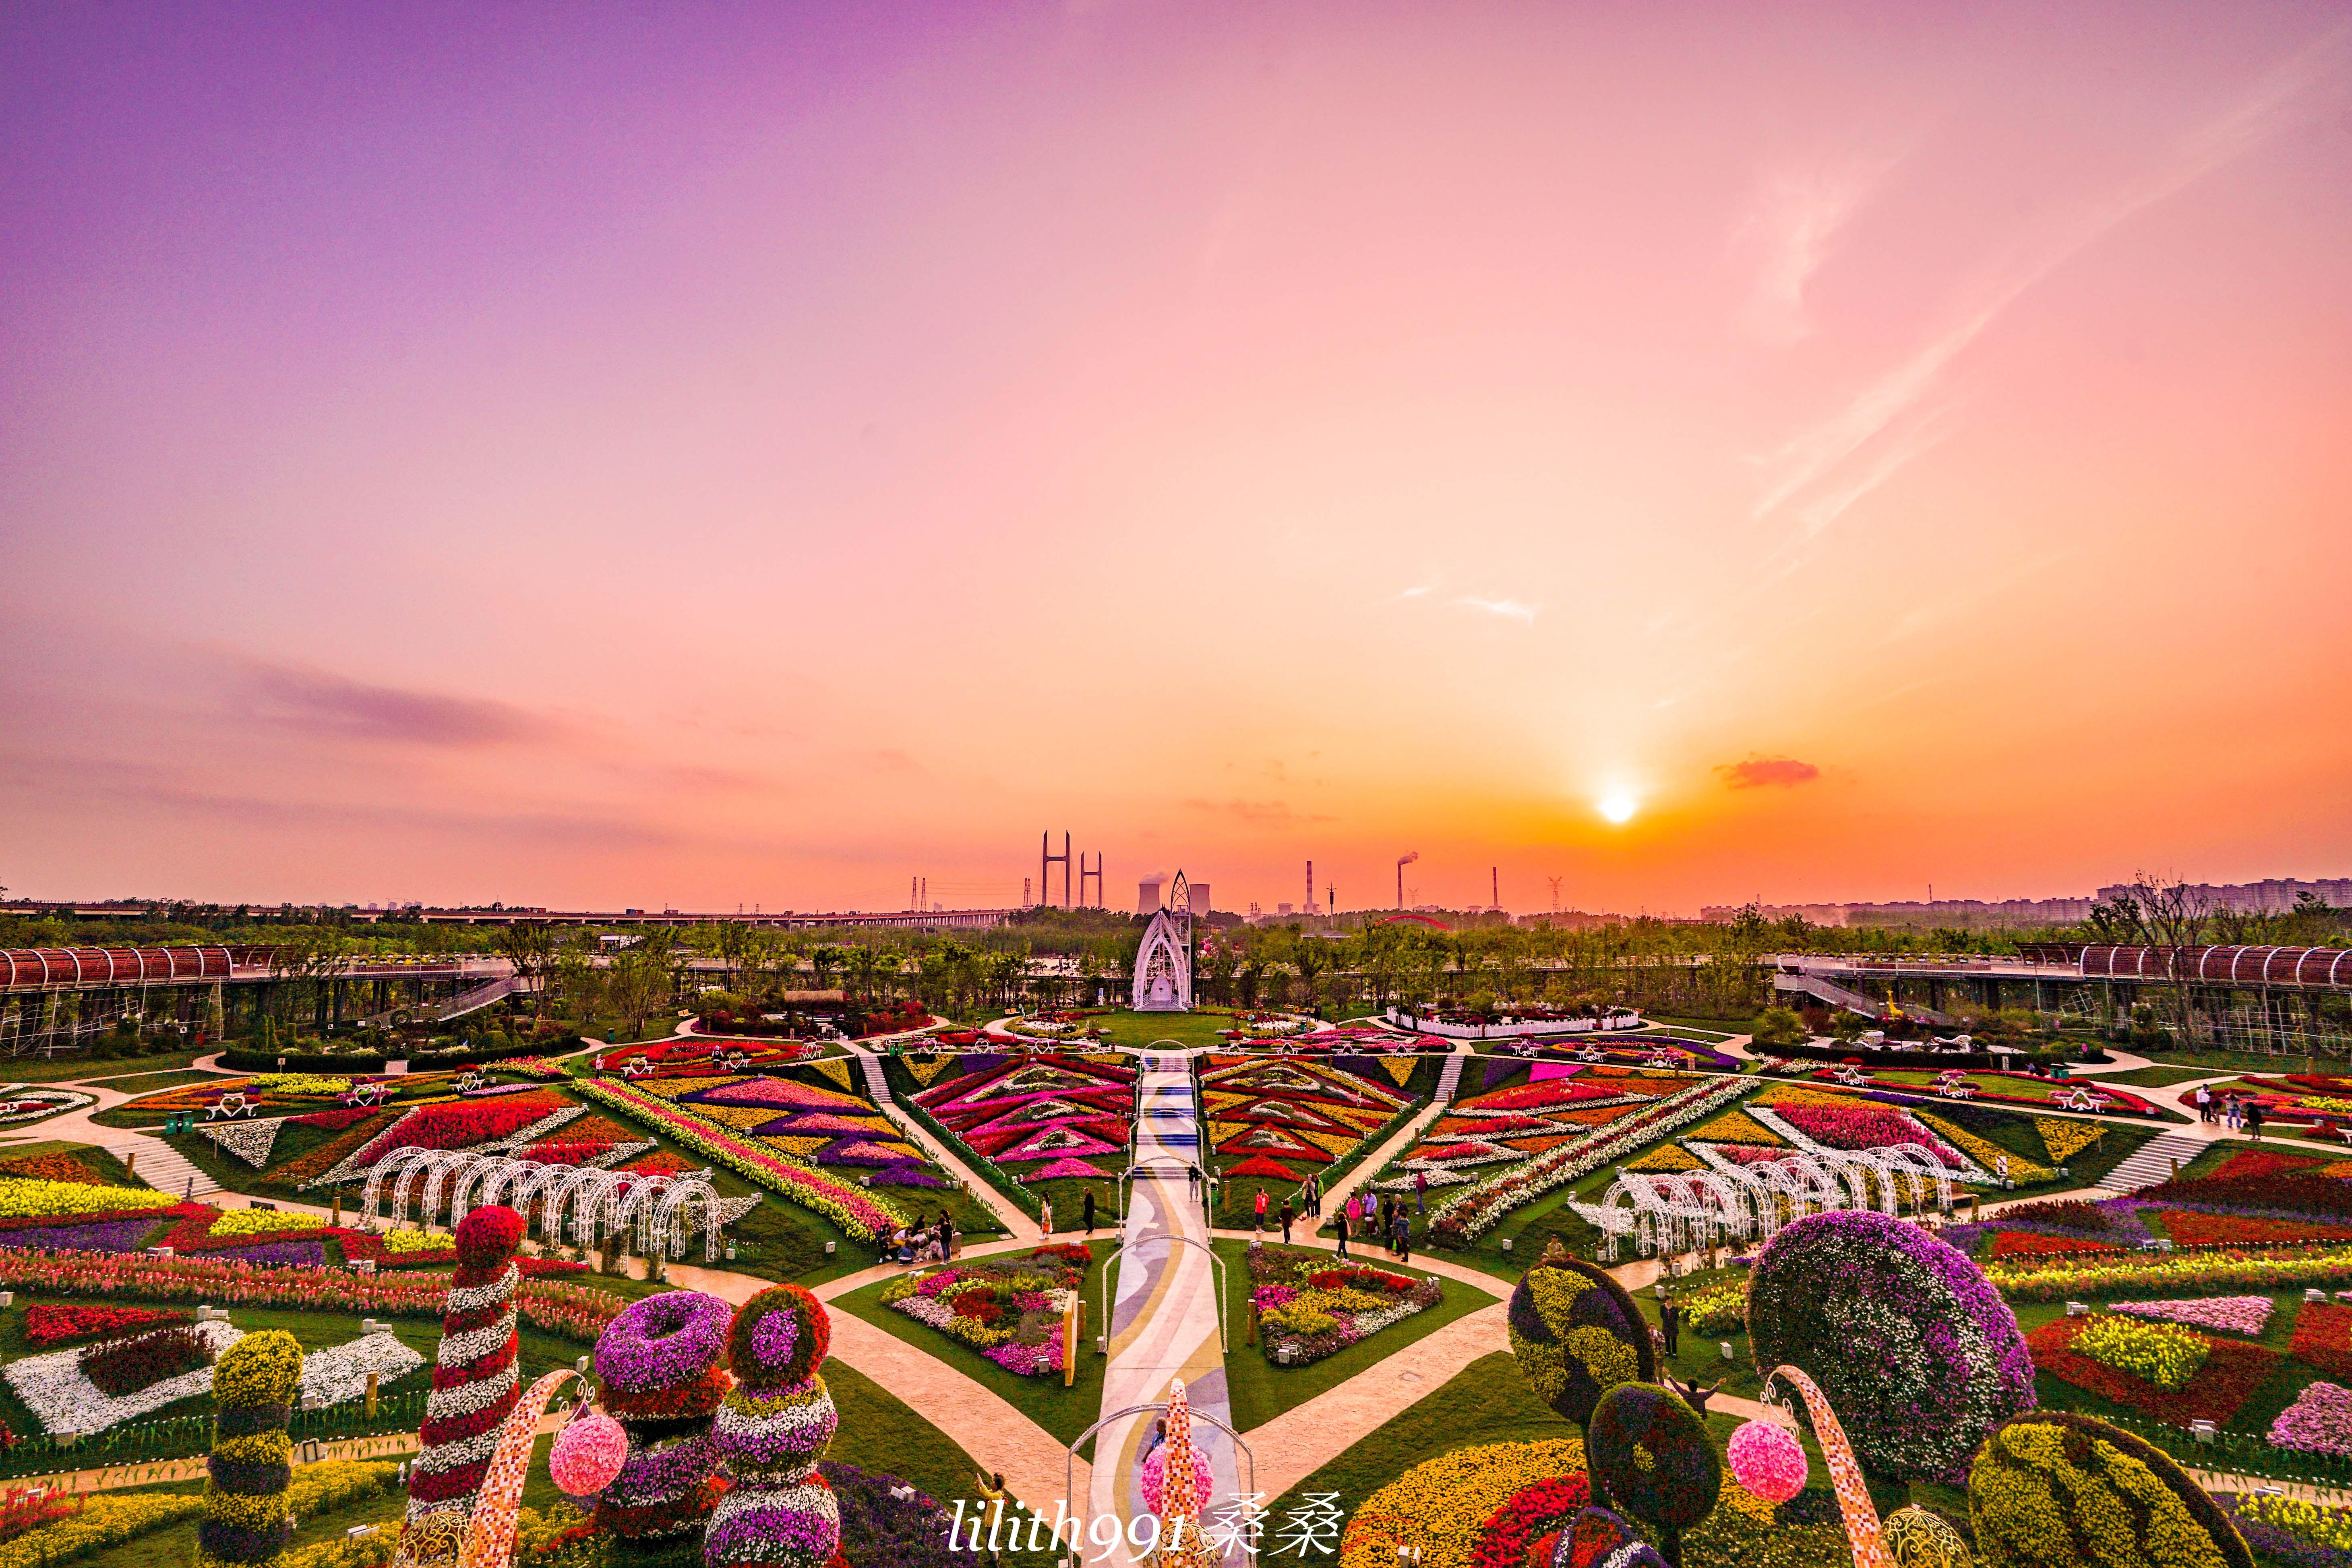 【我是达人】比11个世纪公园还要大的上海浦江郊野公园,一日游详细攻略